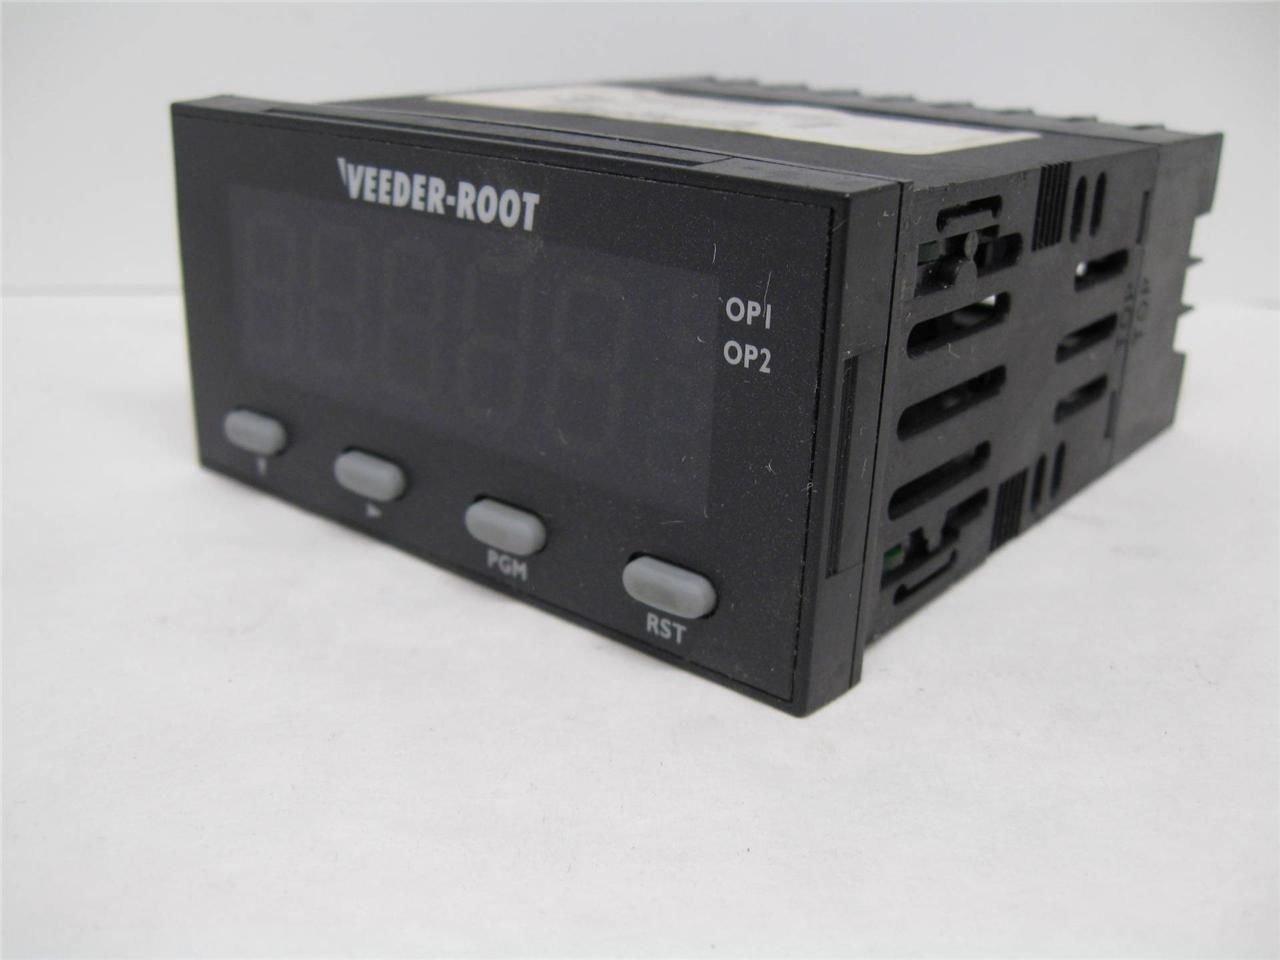 Danaher Veeder Root C628-60002 Digital Timer